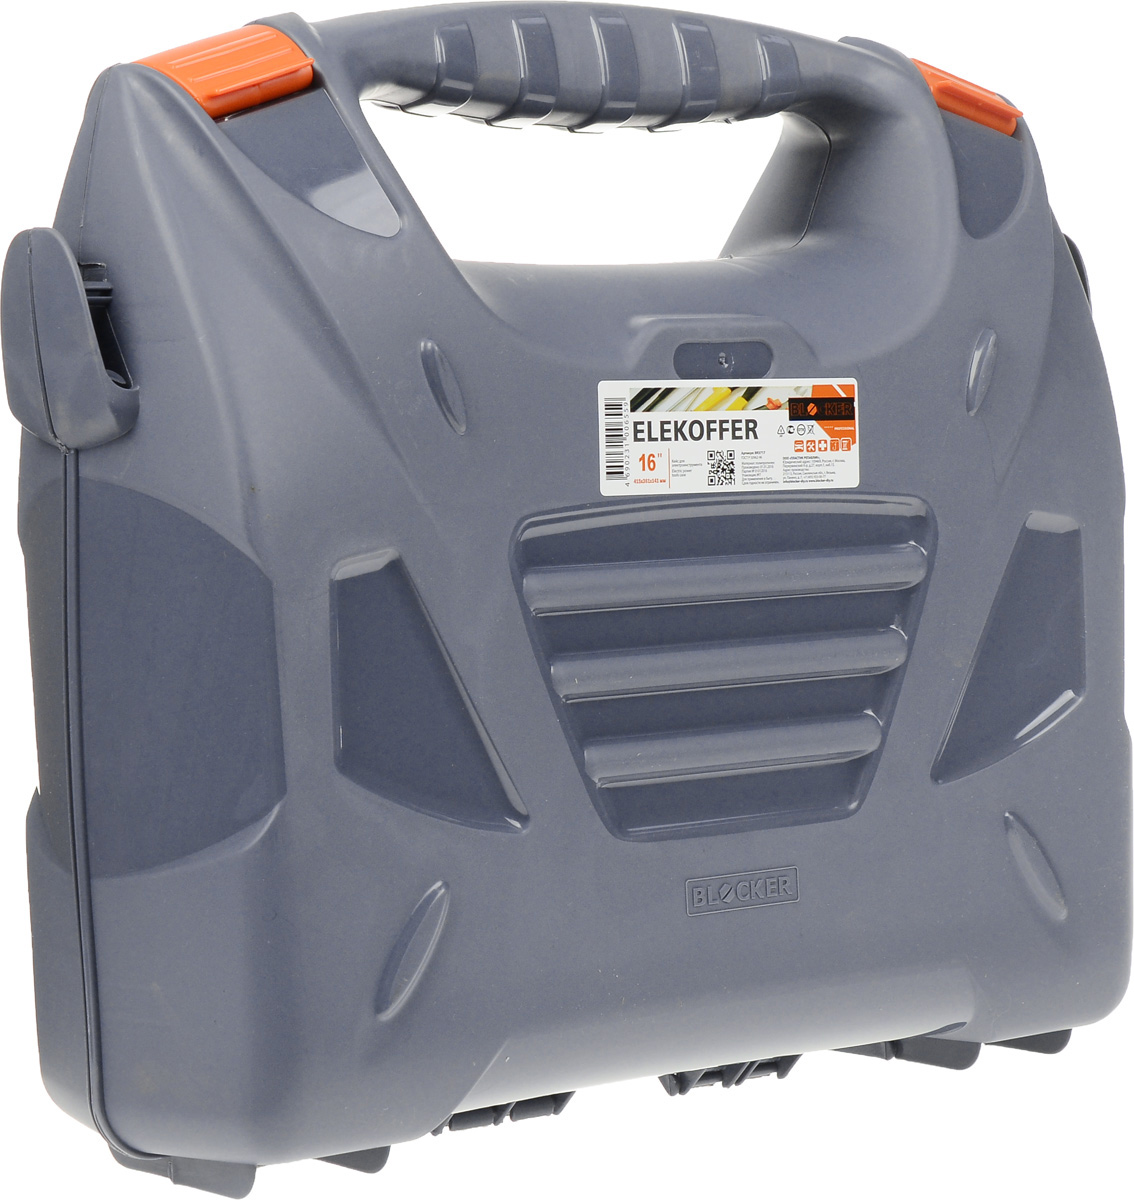 Кейс для электроинструмента Blocker Elekoffer, цвет: серый, оранжевый, 41,5 х 36,1 х 14,1 см